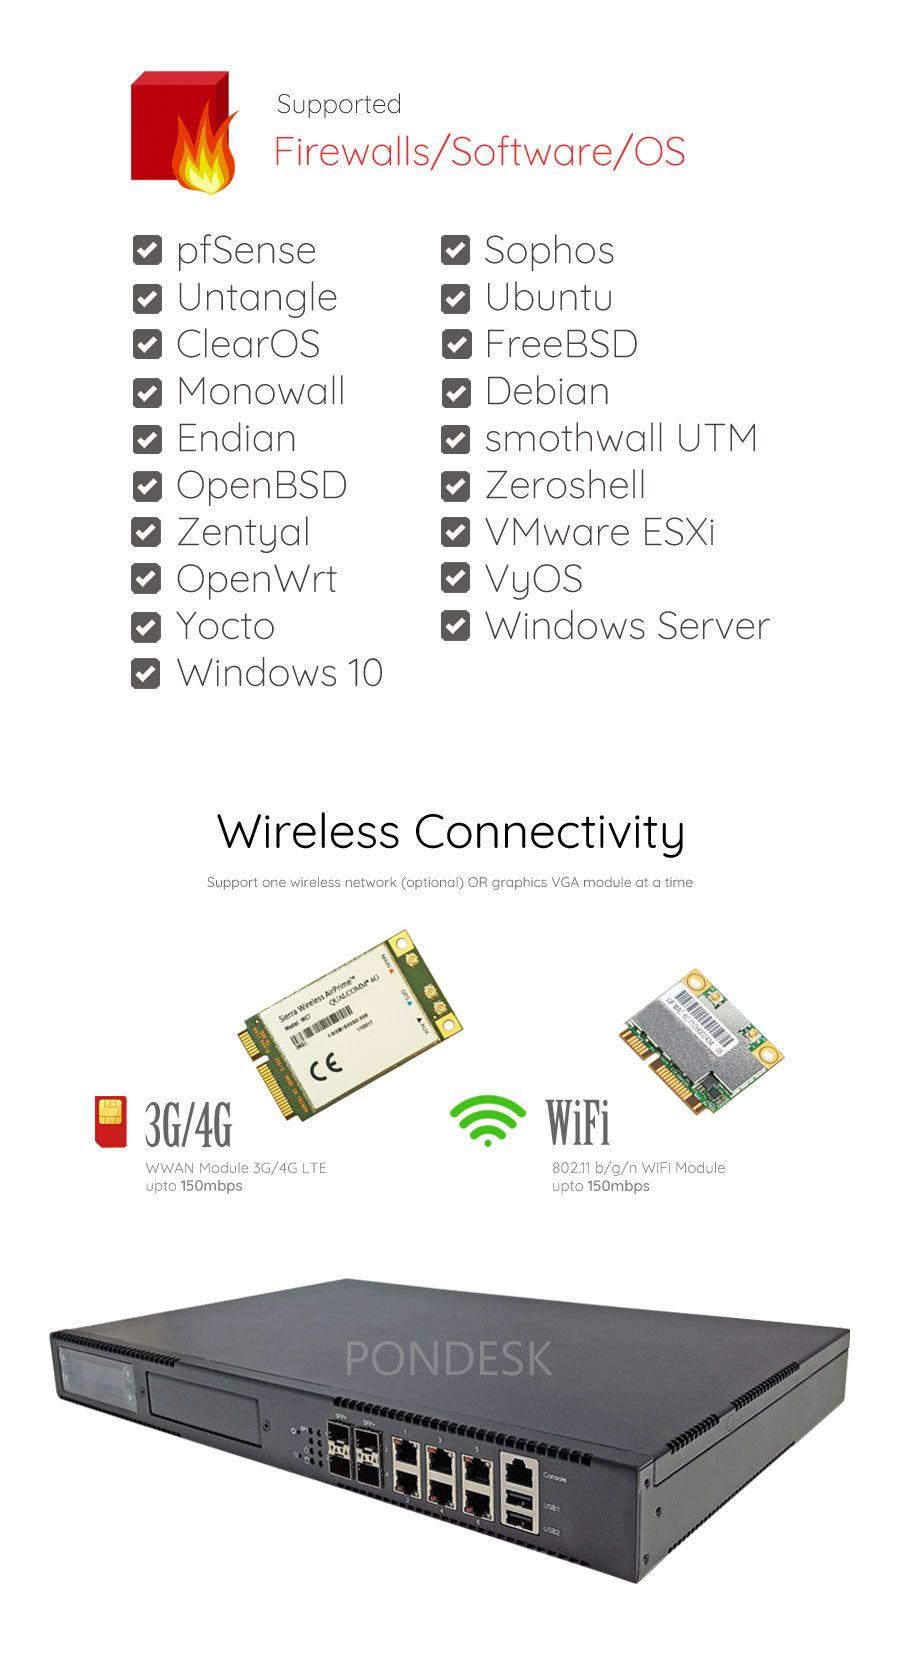 Intel Atom C3758 8 Core 6 LAN 10Gig SFP+ 1U Rackmount Server